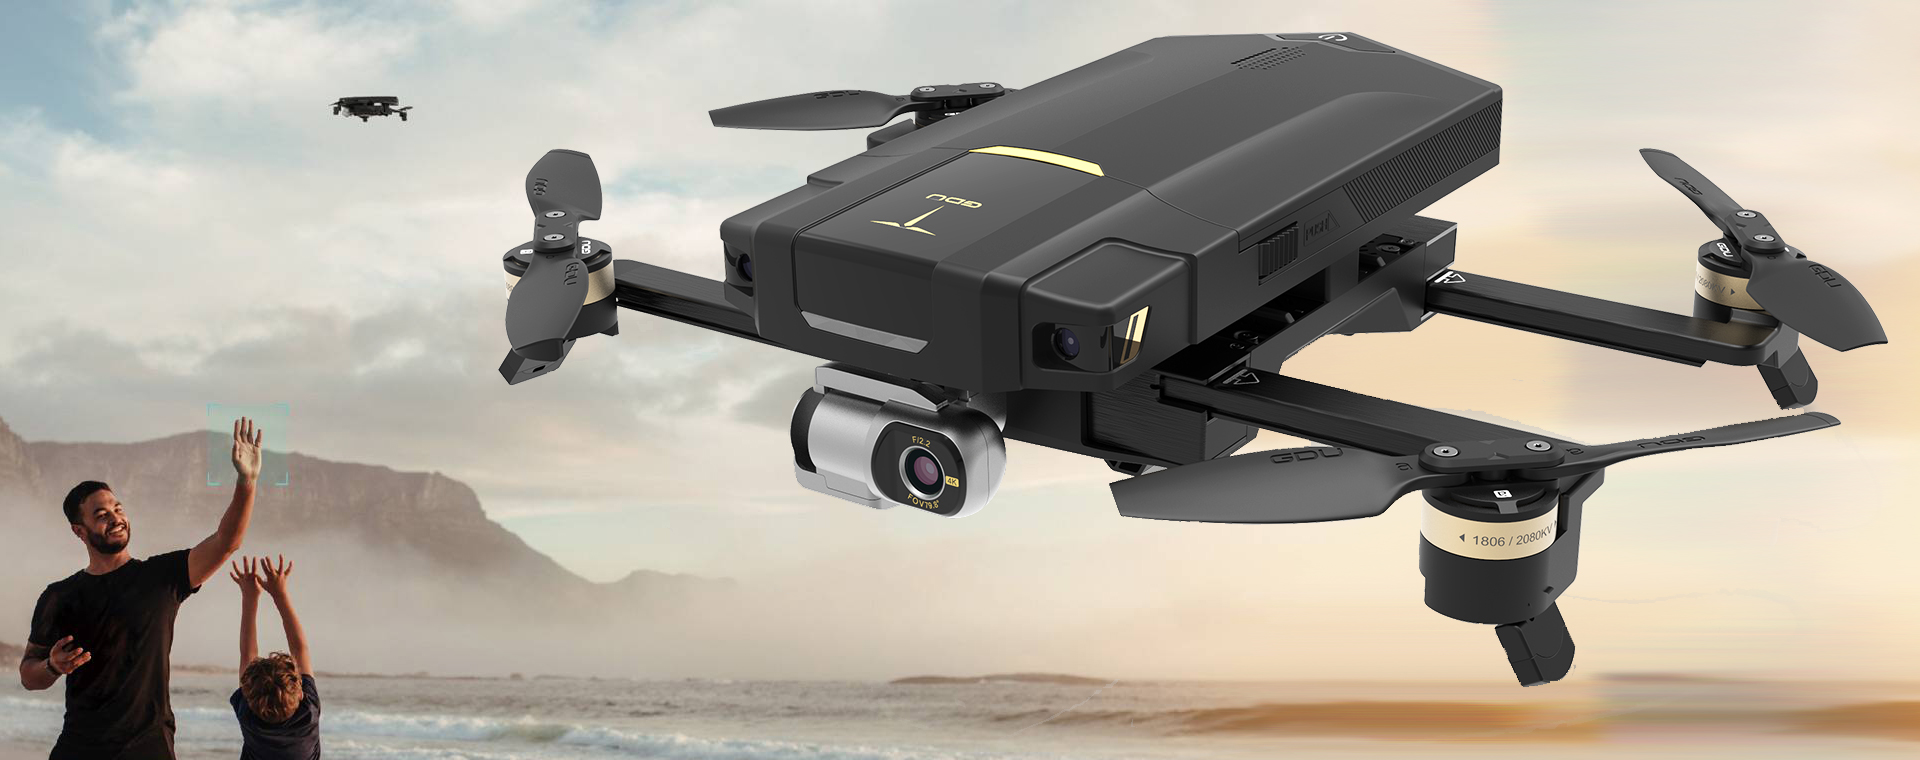 gallery-8-gdu-drone-2